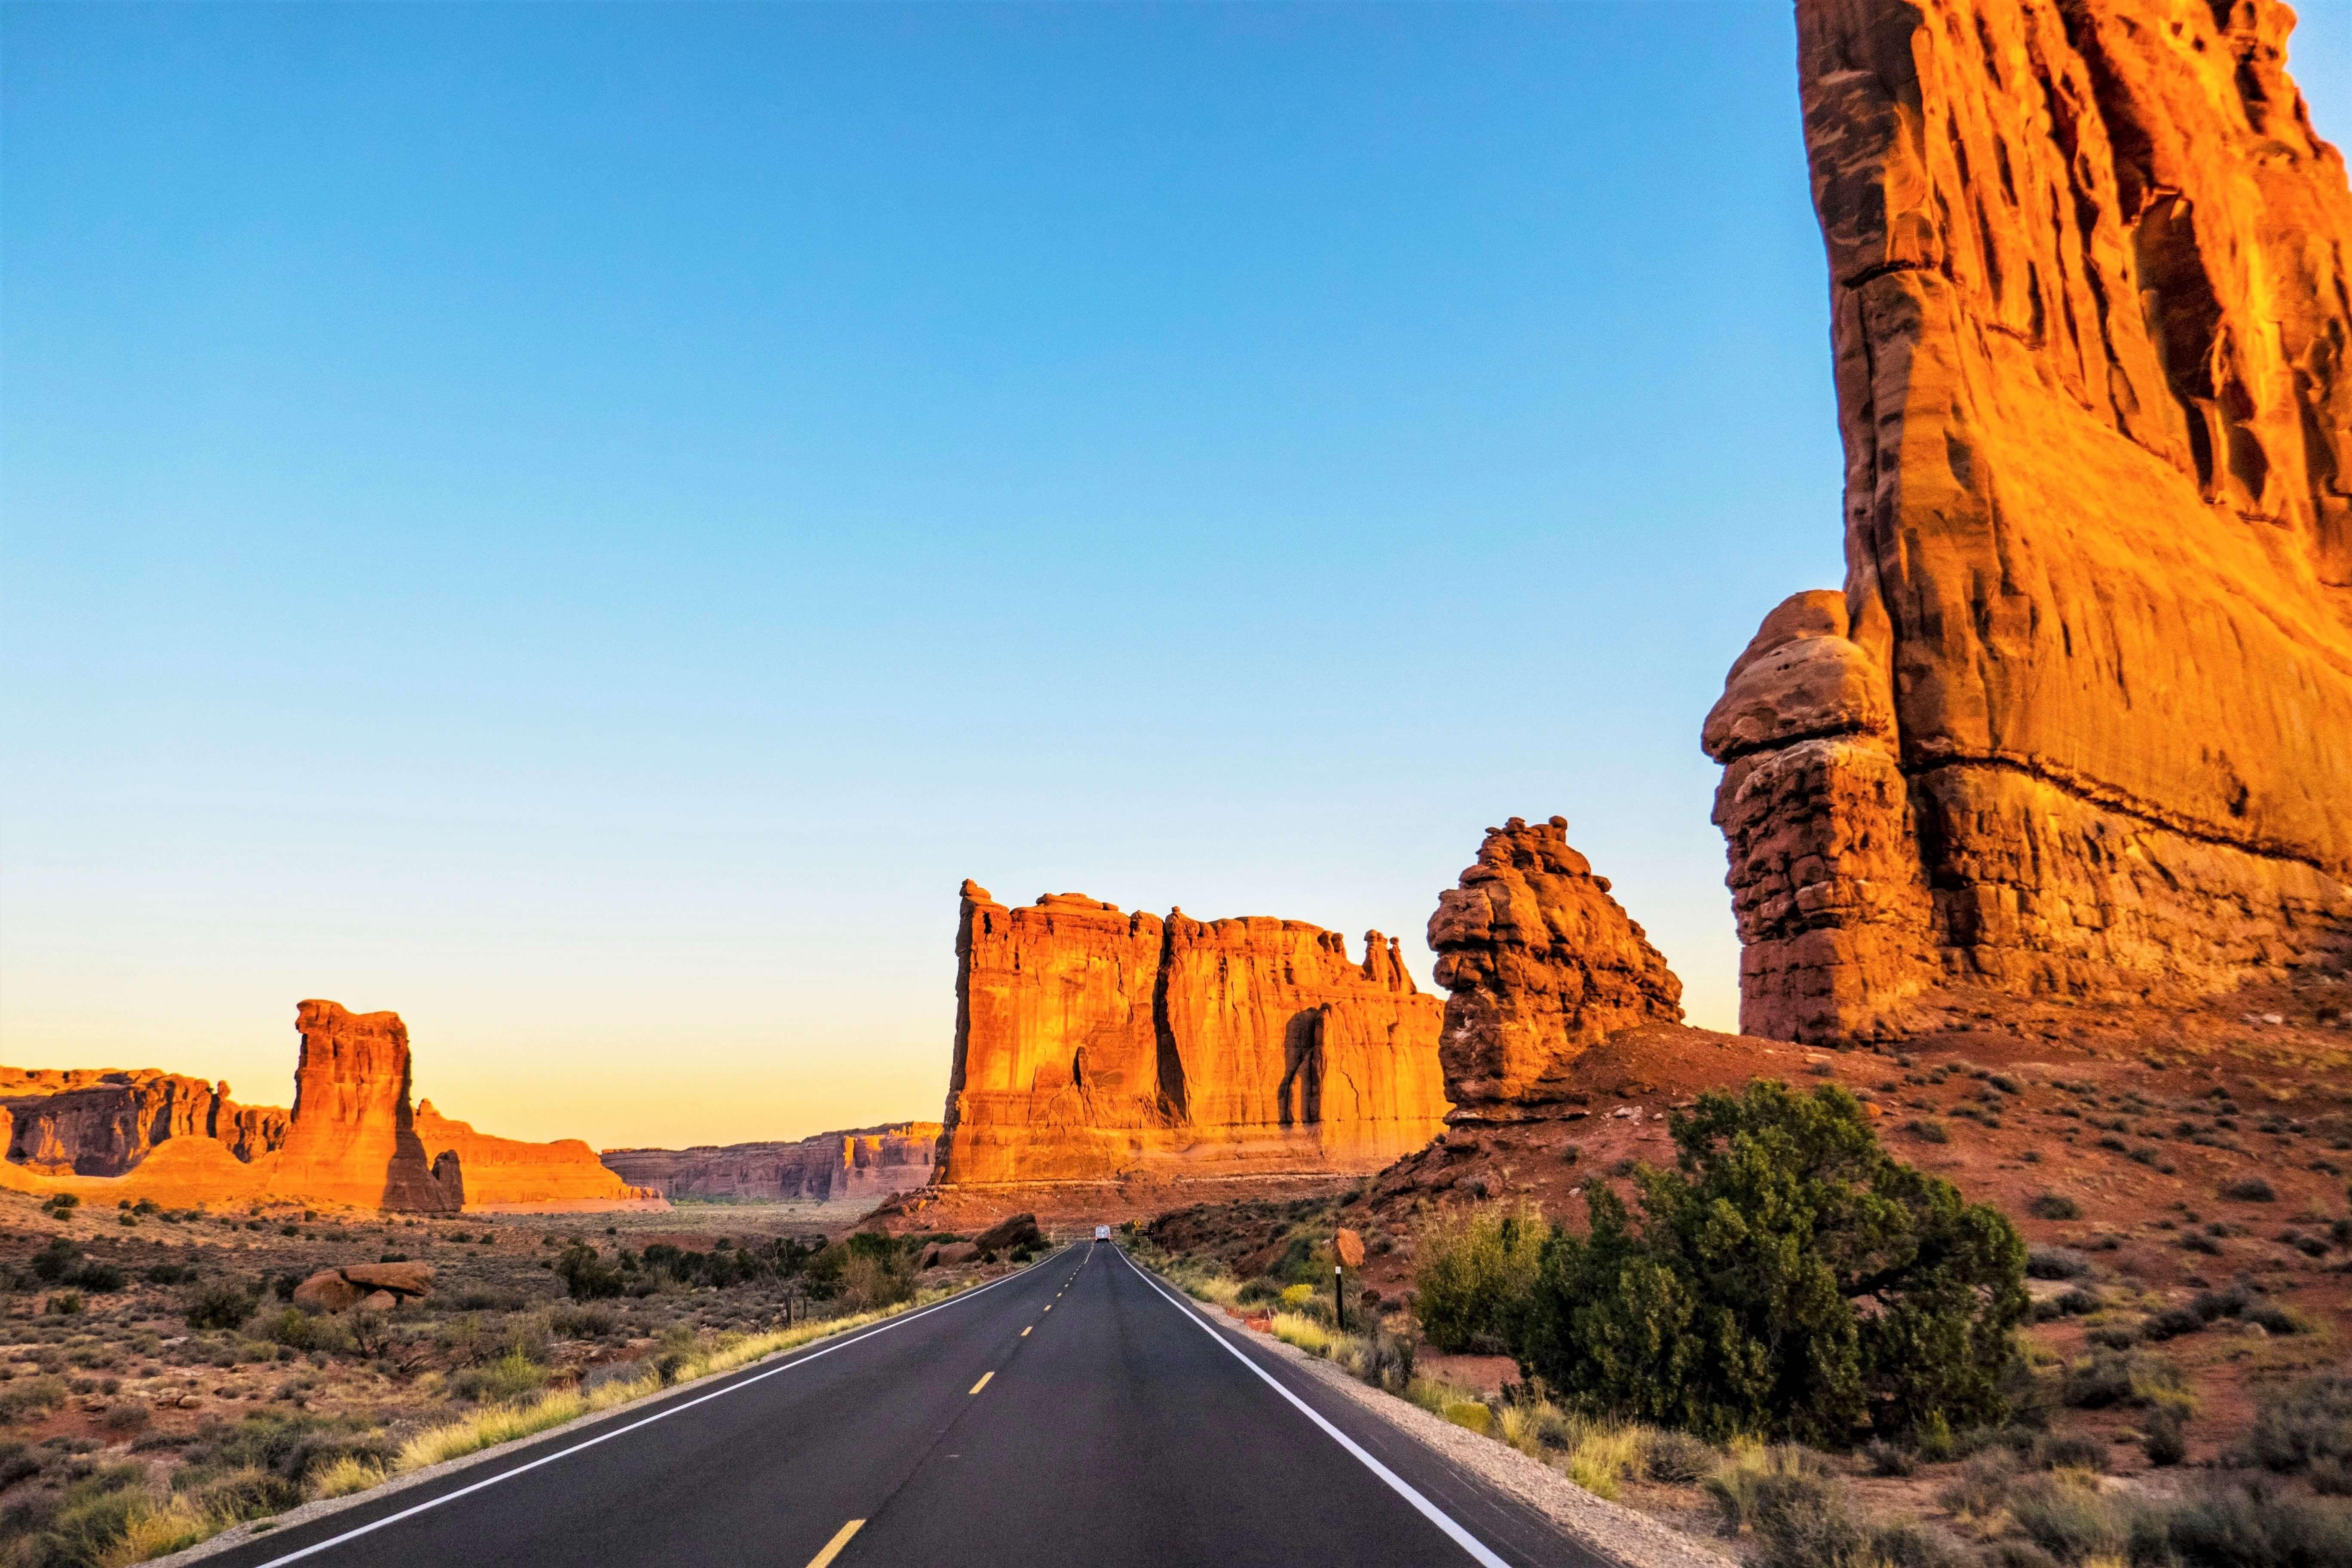 Route du parc national des Arches à Moab dans l'Utah